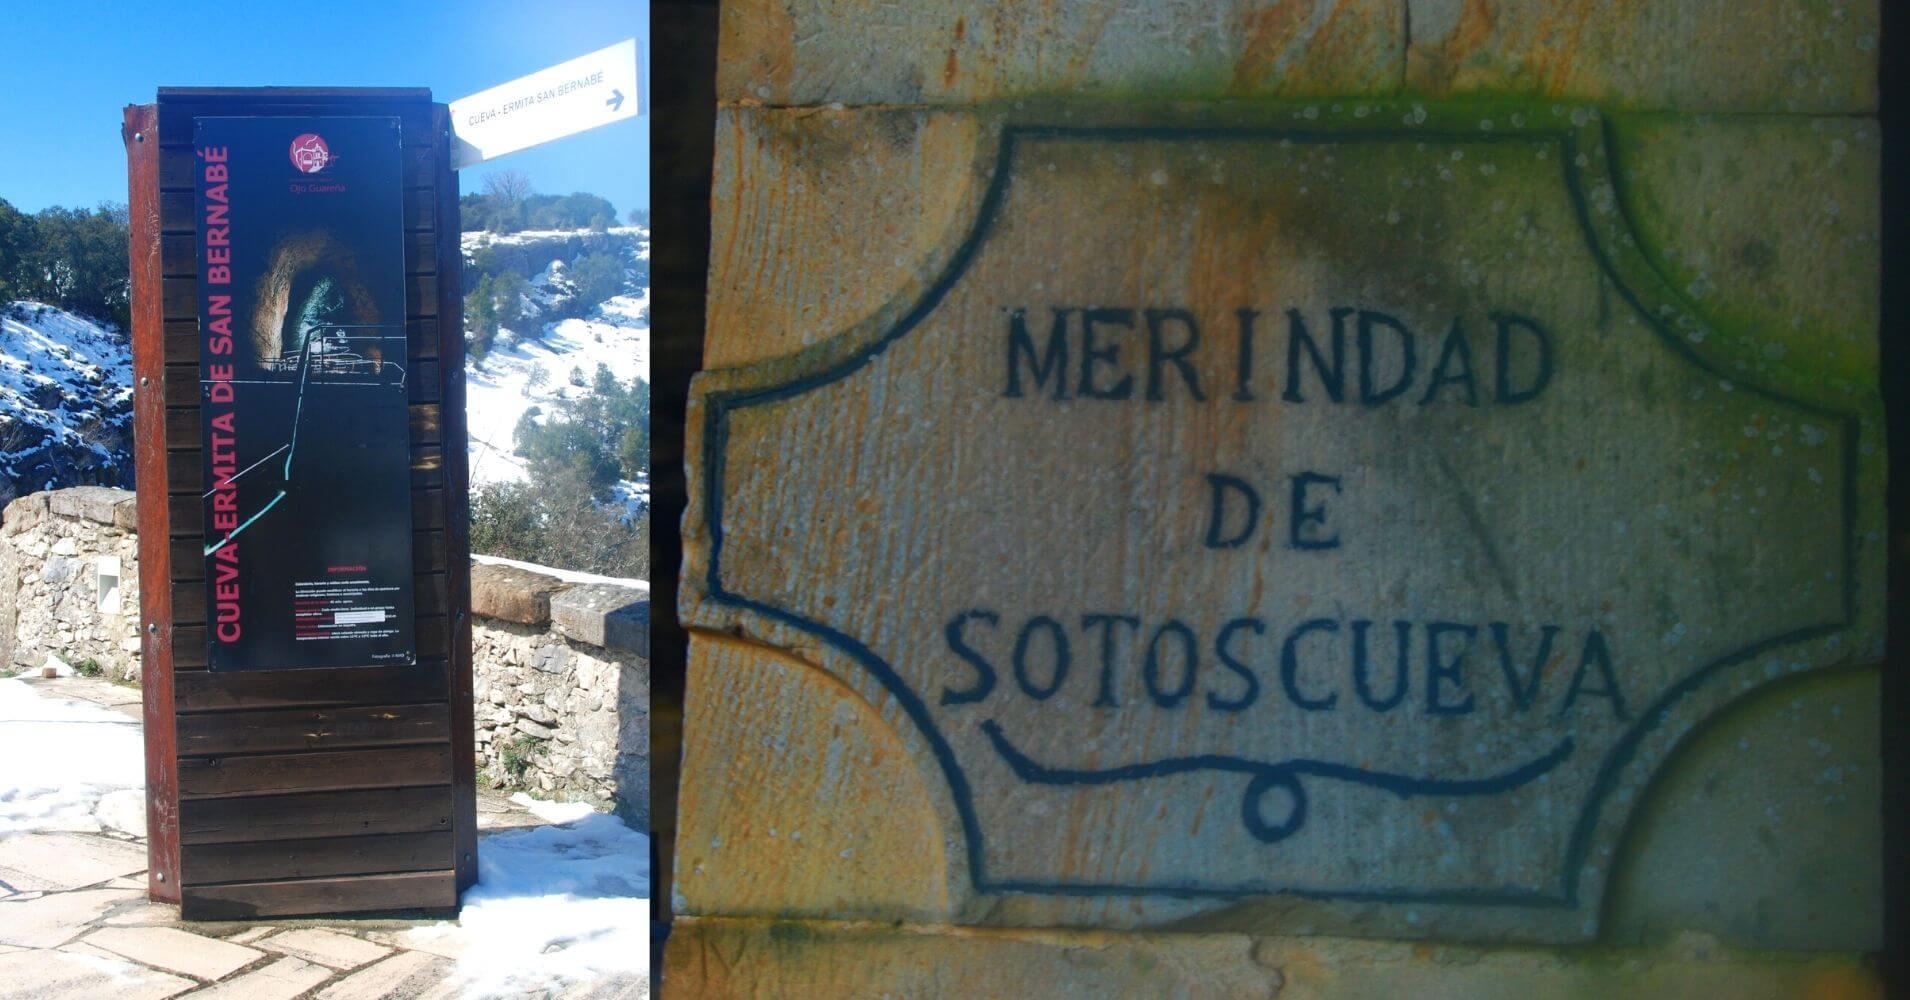 Merindad de Sotos Cueva. Las Merindades, Burgos. Castilla la Mancha.